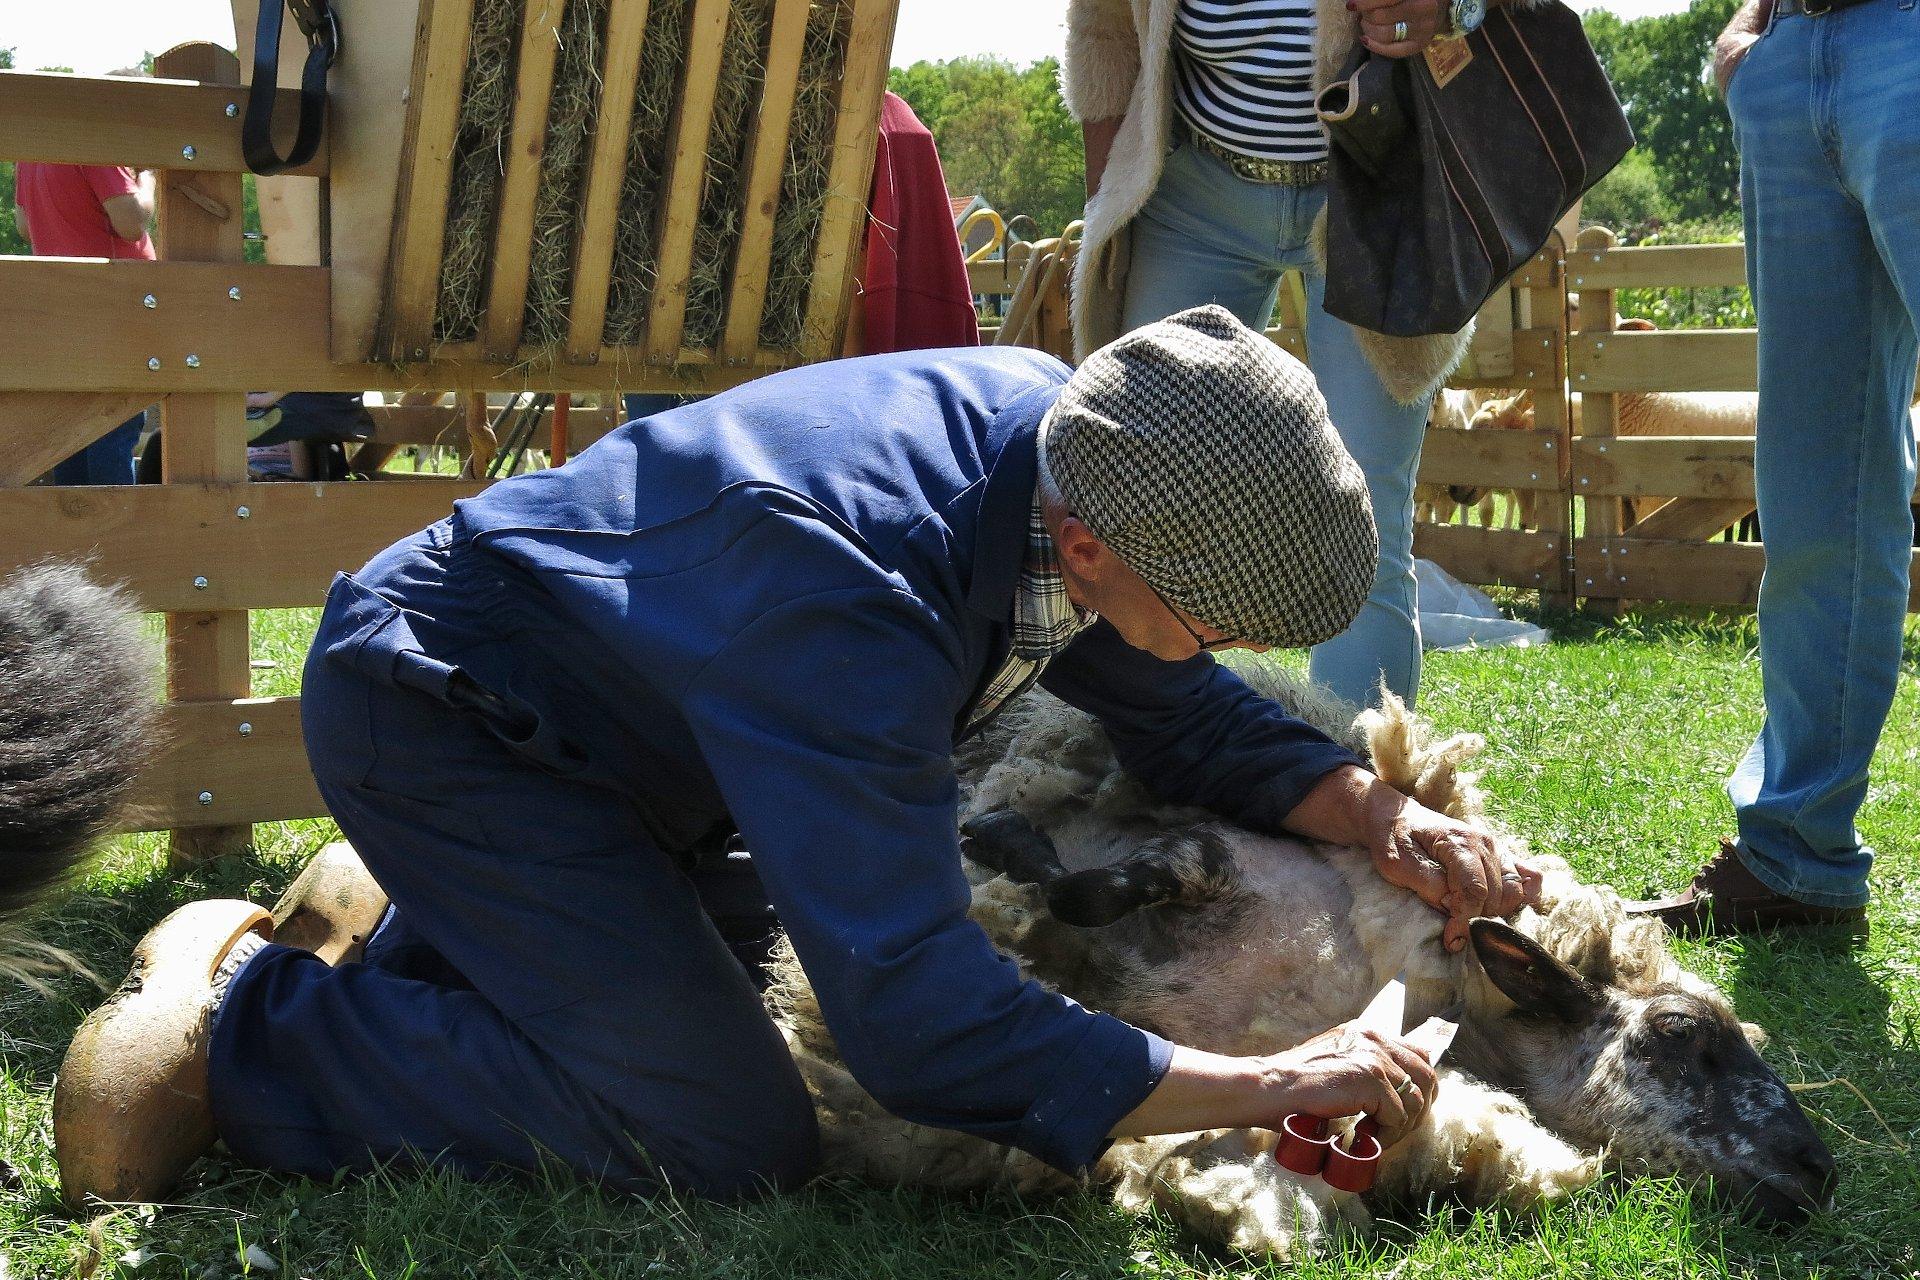 Foto: Schafschur liegend mit Handschere (Demonstration auf Schäfer- und Schafschurfest) (© Christoph Dorr)